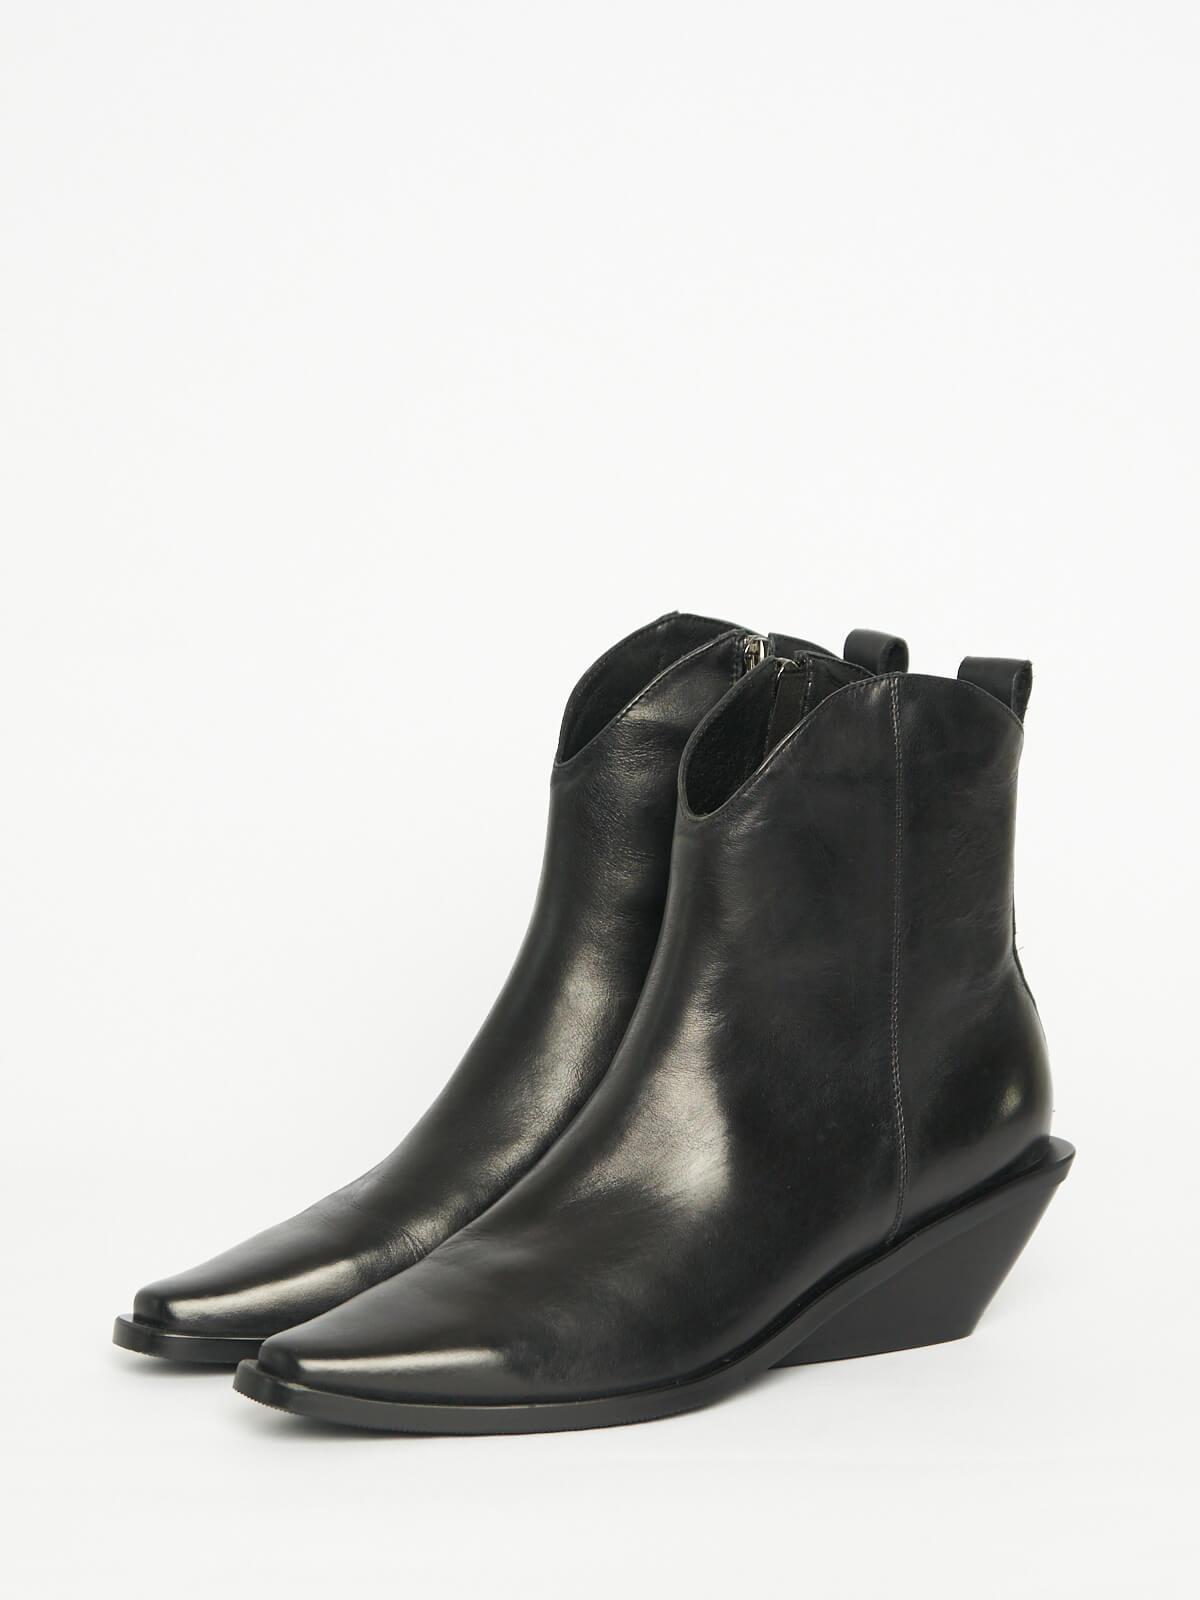 Ботинки со скошенным каблуком